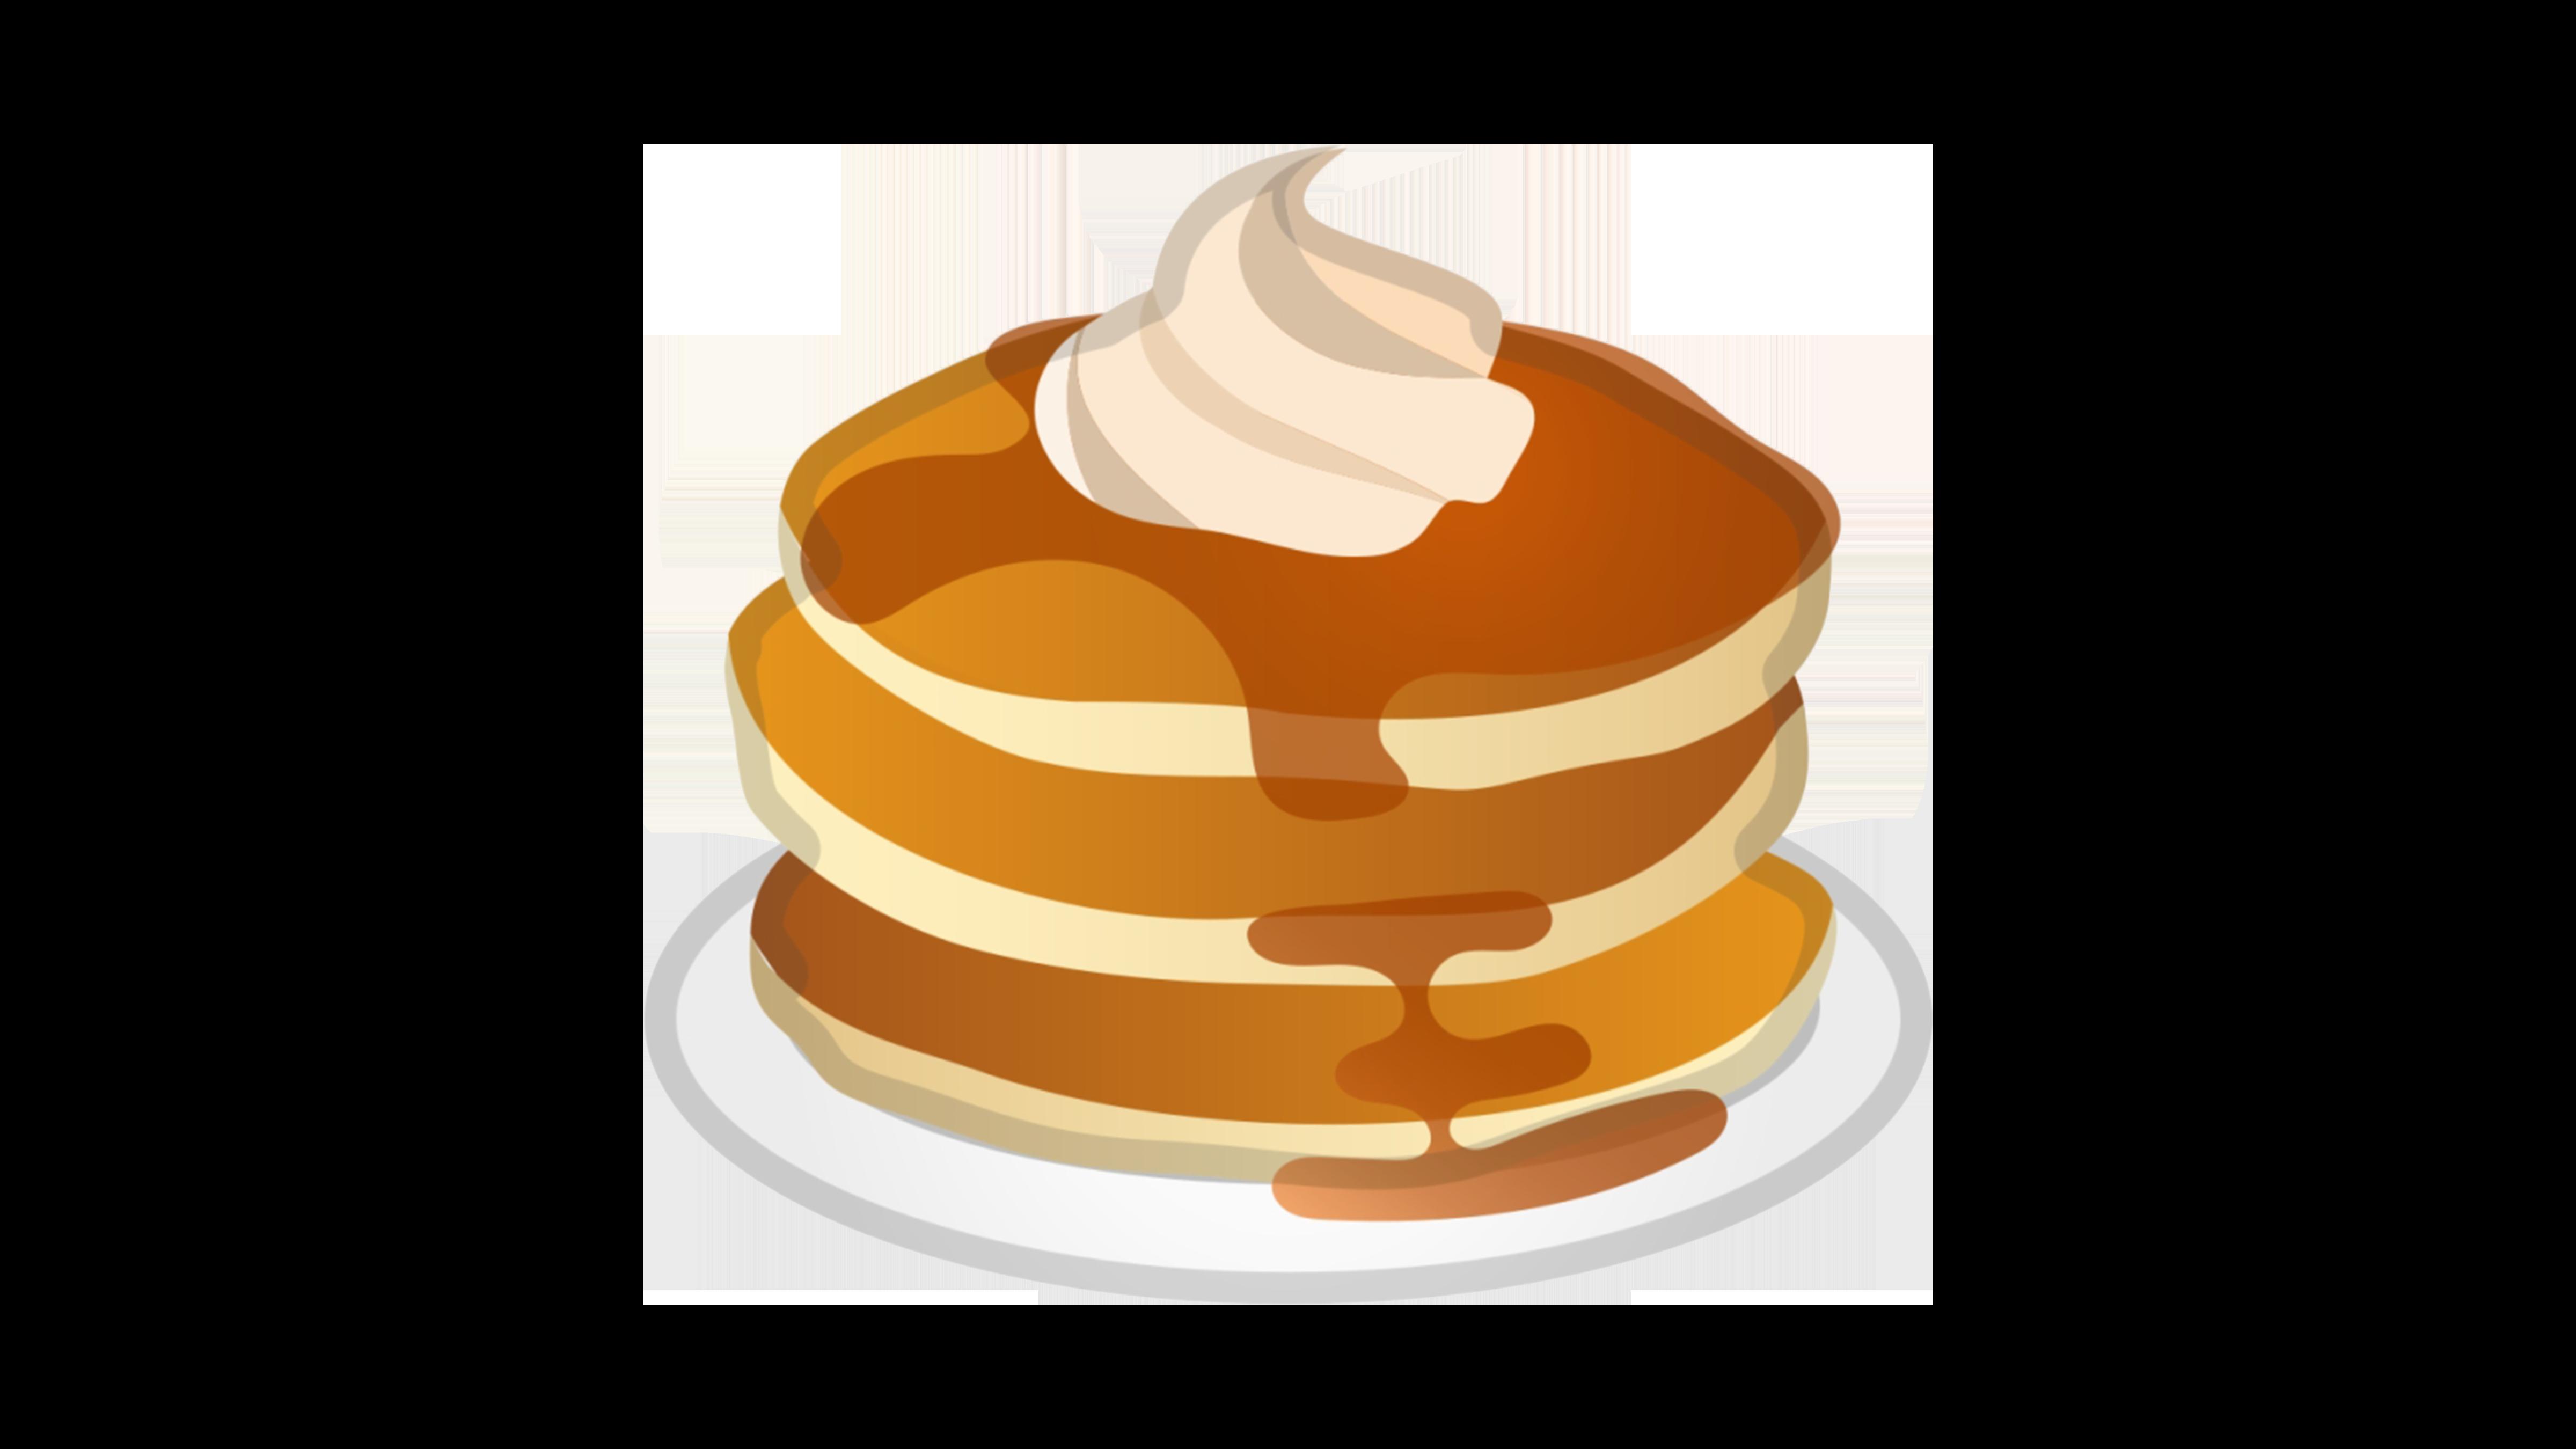 pancake emoji